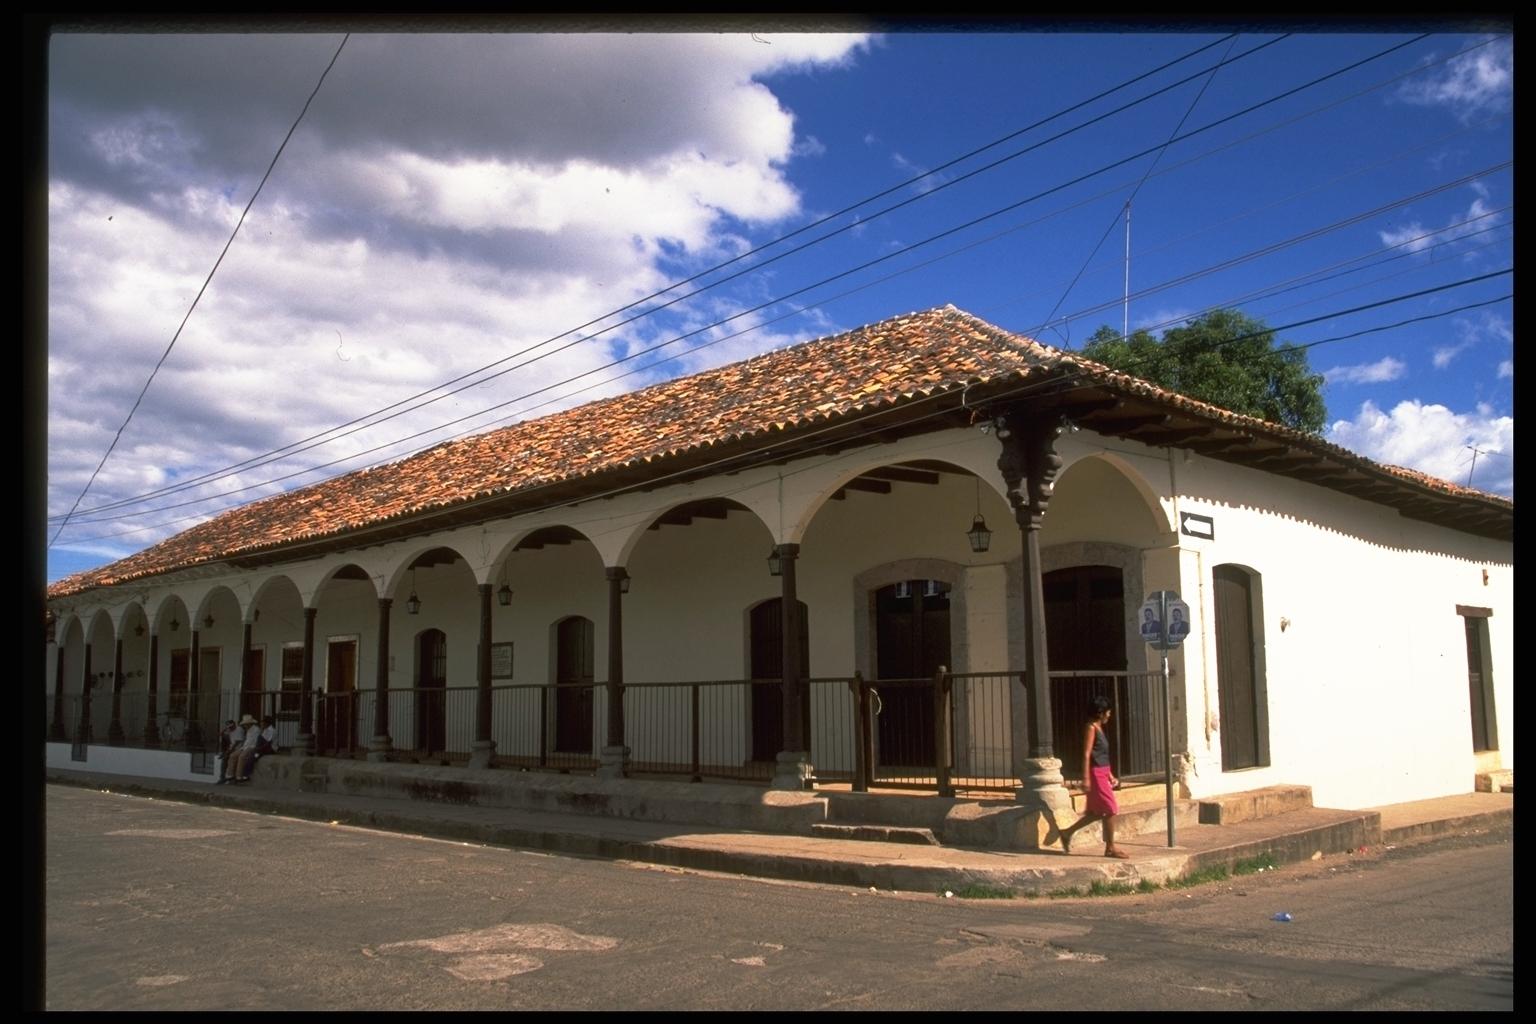 Nuestra bella honduras diciembre 2010 - Casas en el valles occidental ...